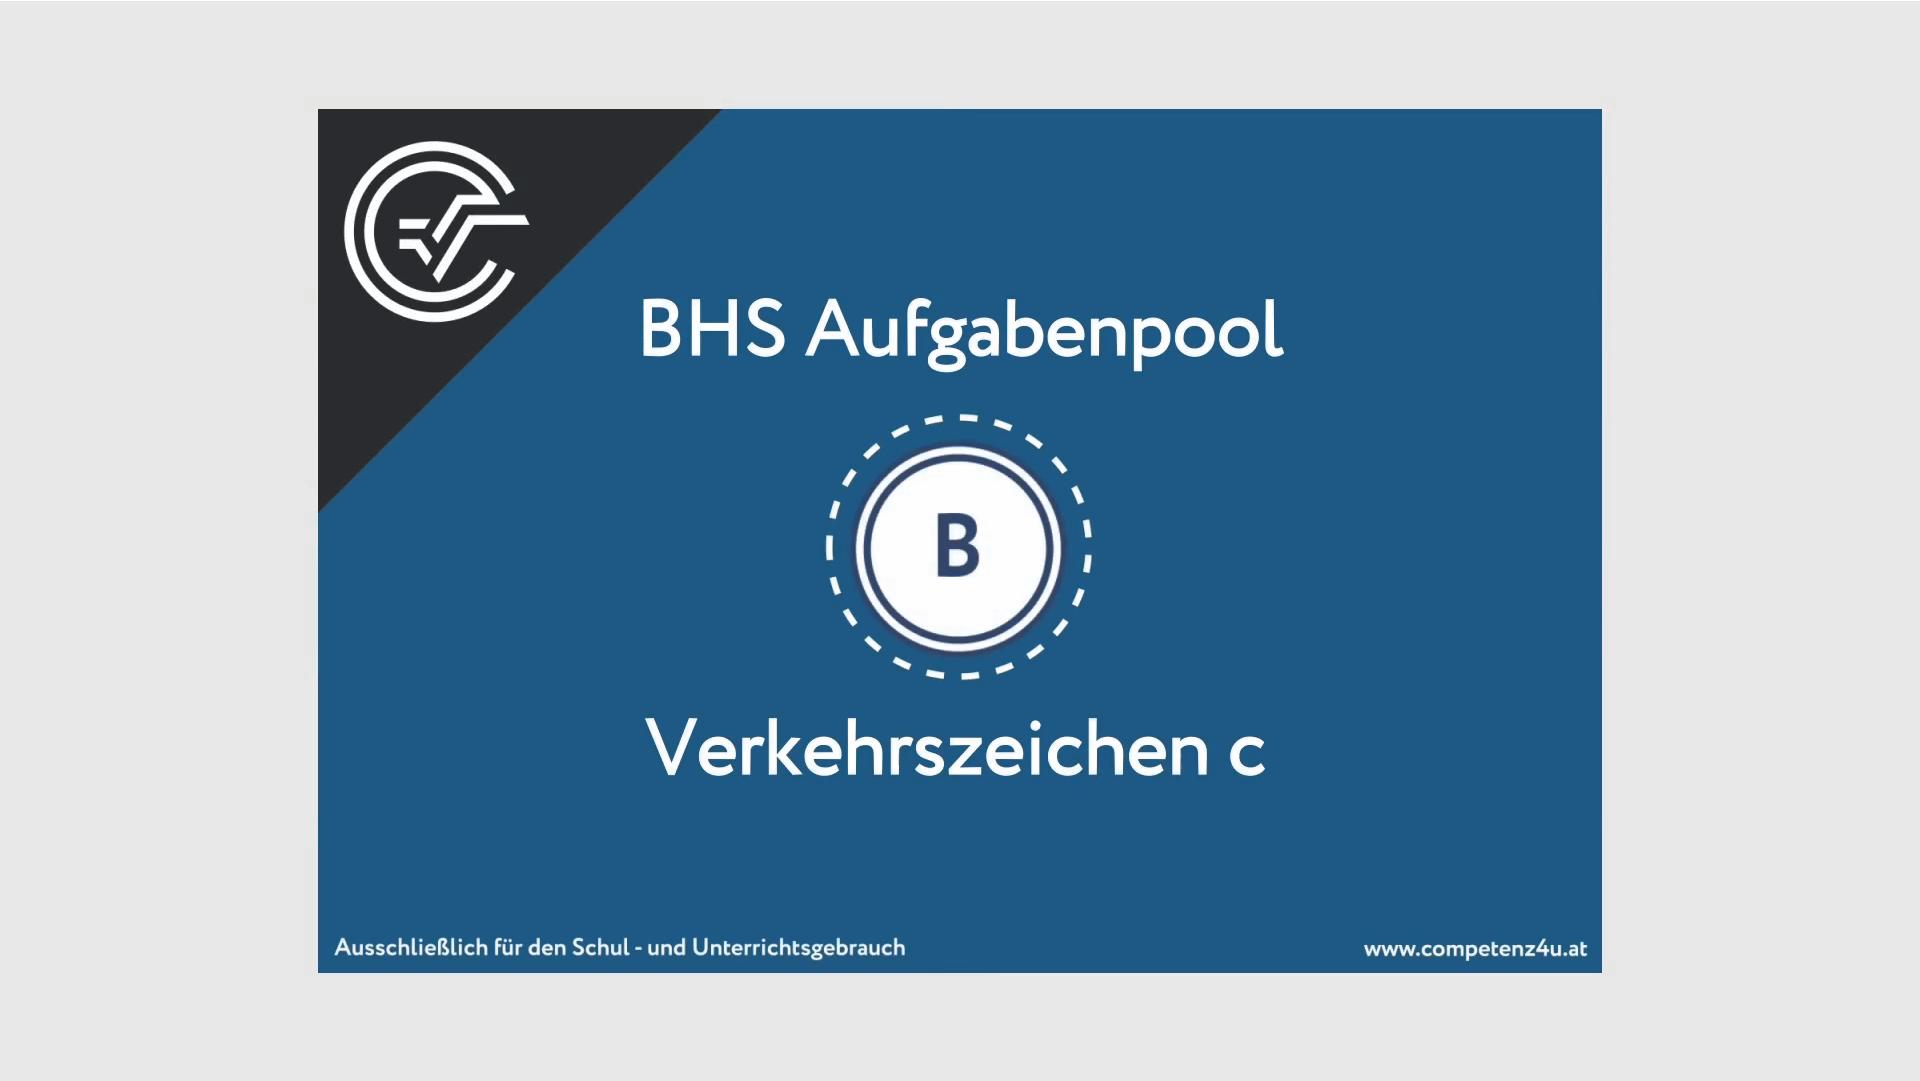 BHS Teil B Bifie Aufgabenpool Bundesministerium für Bildung